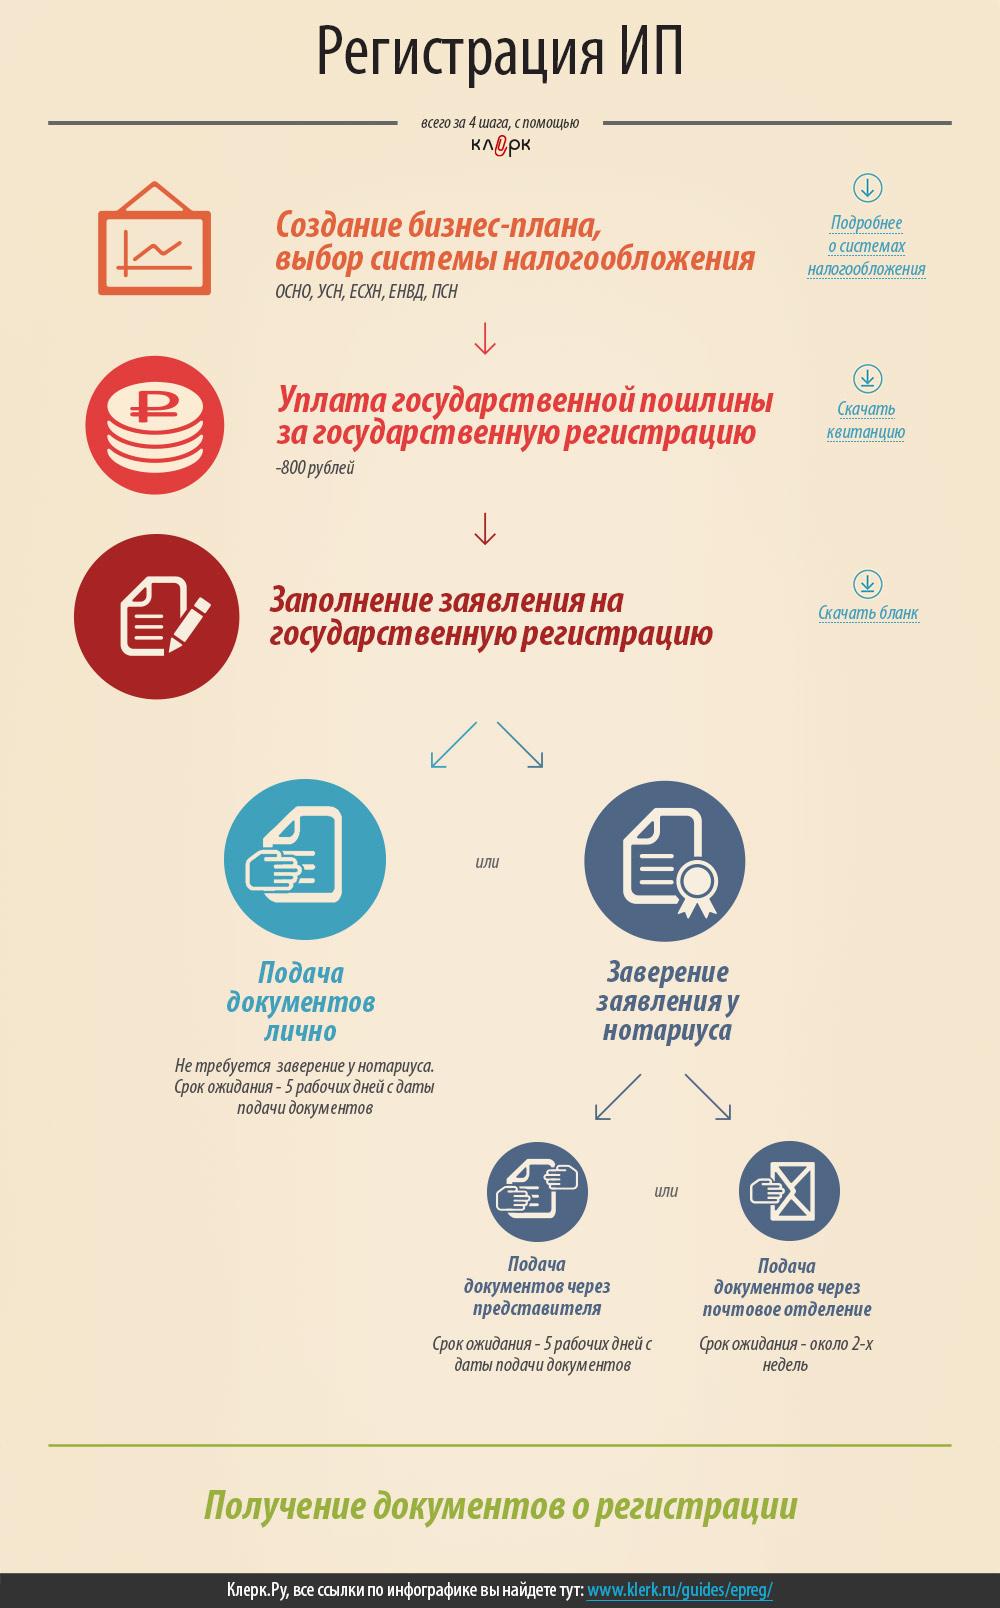 картах интернет магазин производство налогообложение 2017 институте косметологии других